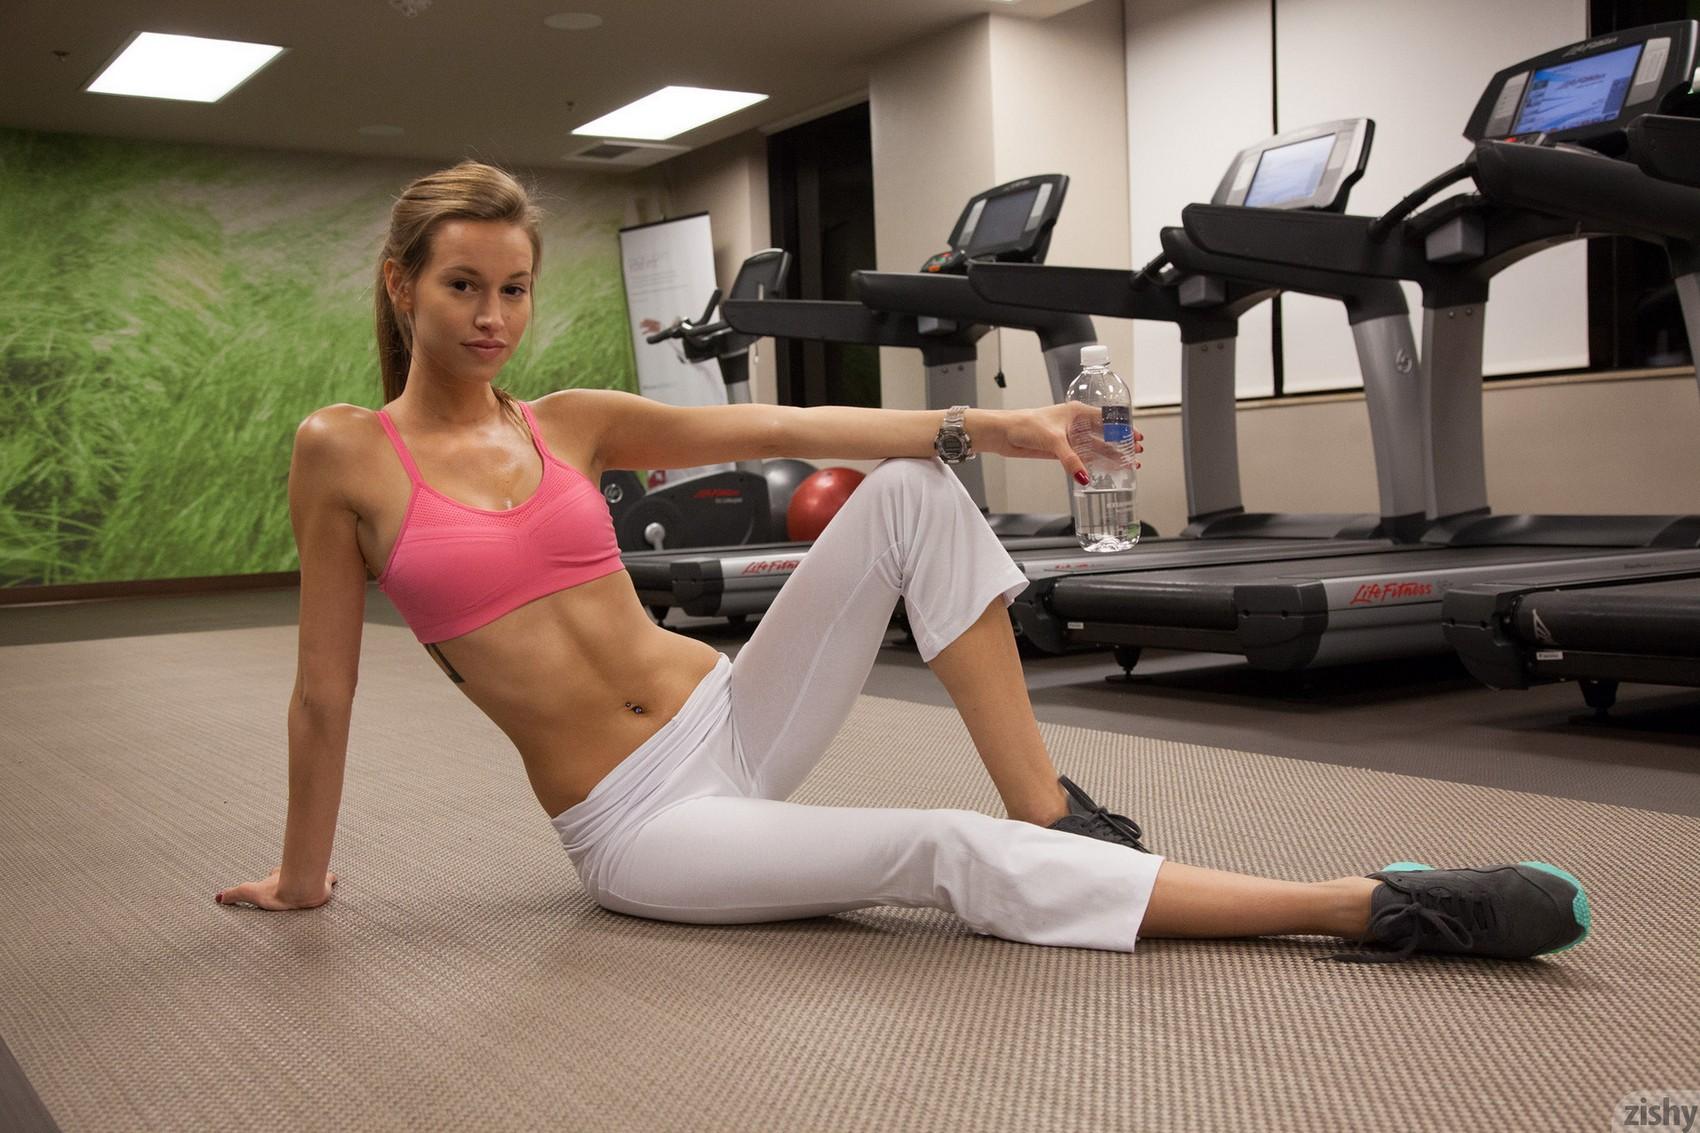 geri-burgess-gym-workout-zishy-12